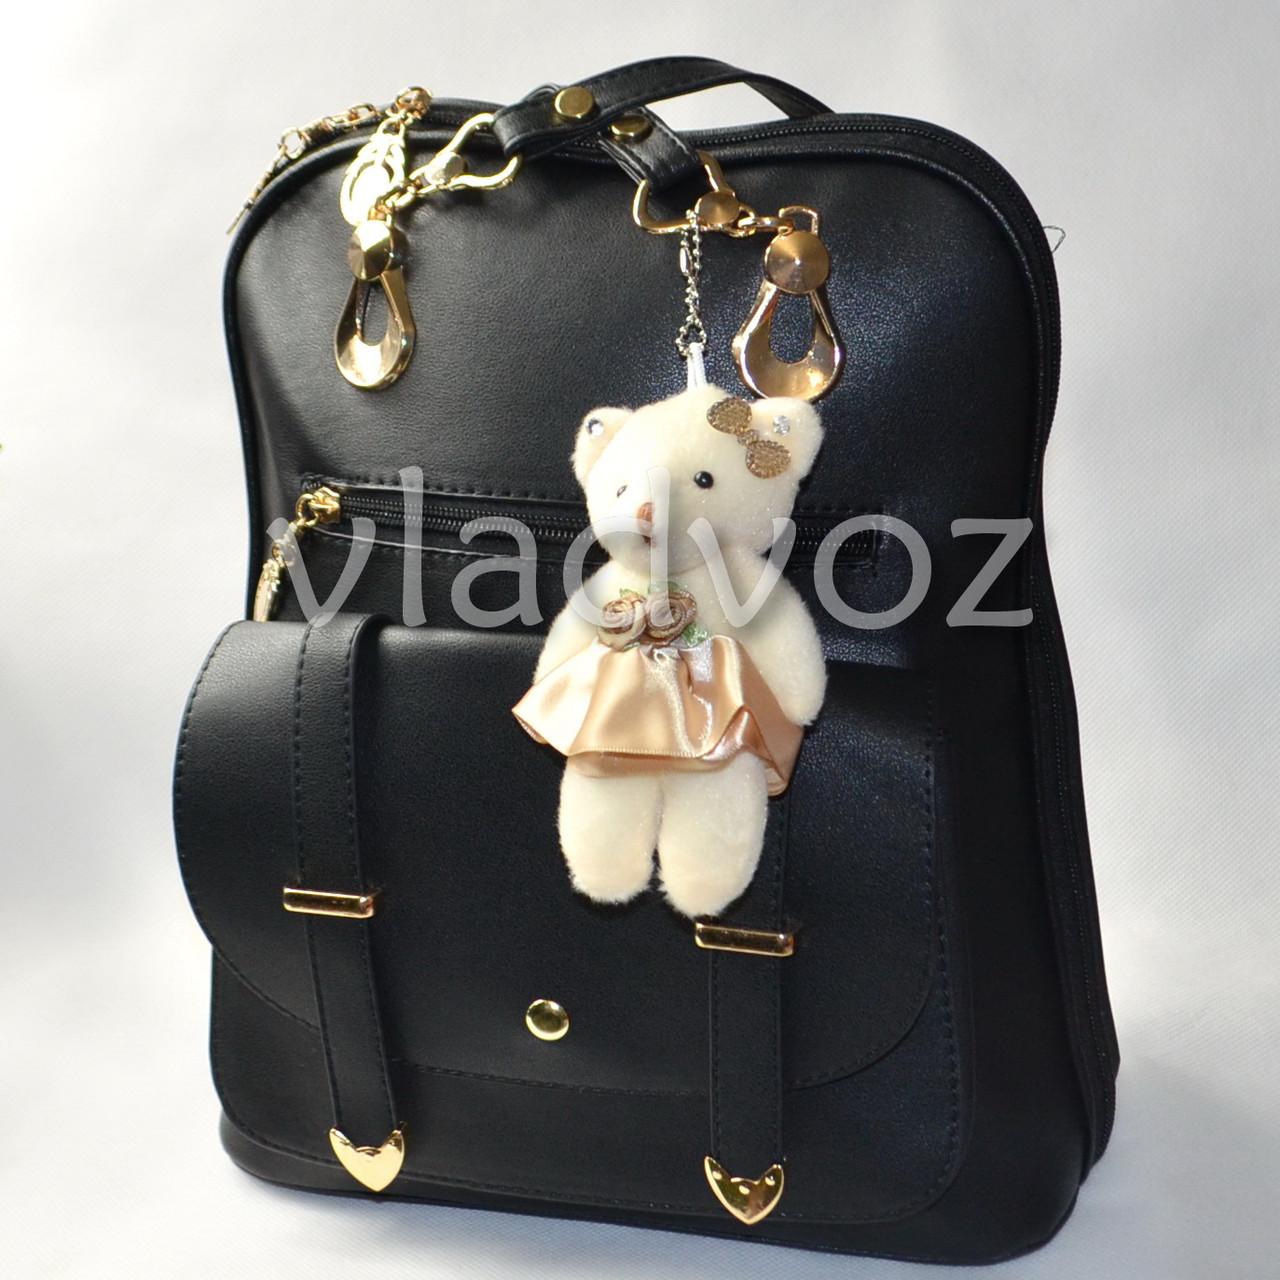 81f0aba35555 Городской женский модный стильный рюкзак сумка чёрный с мишкой, цена ...